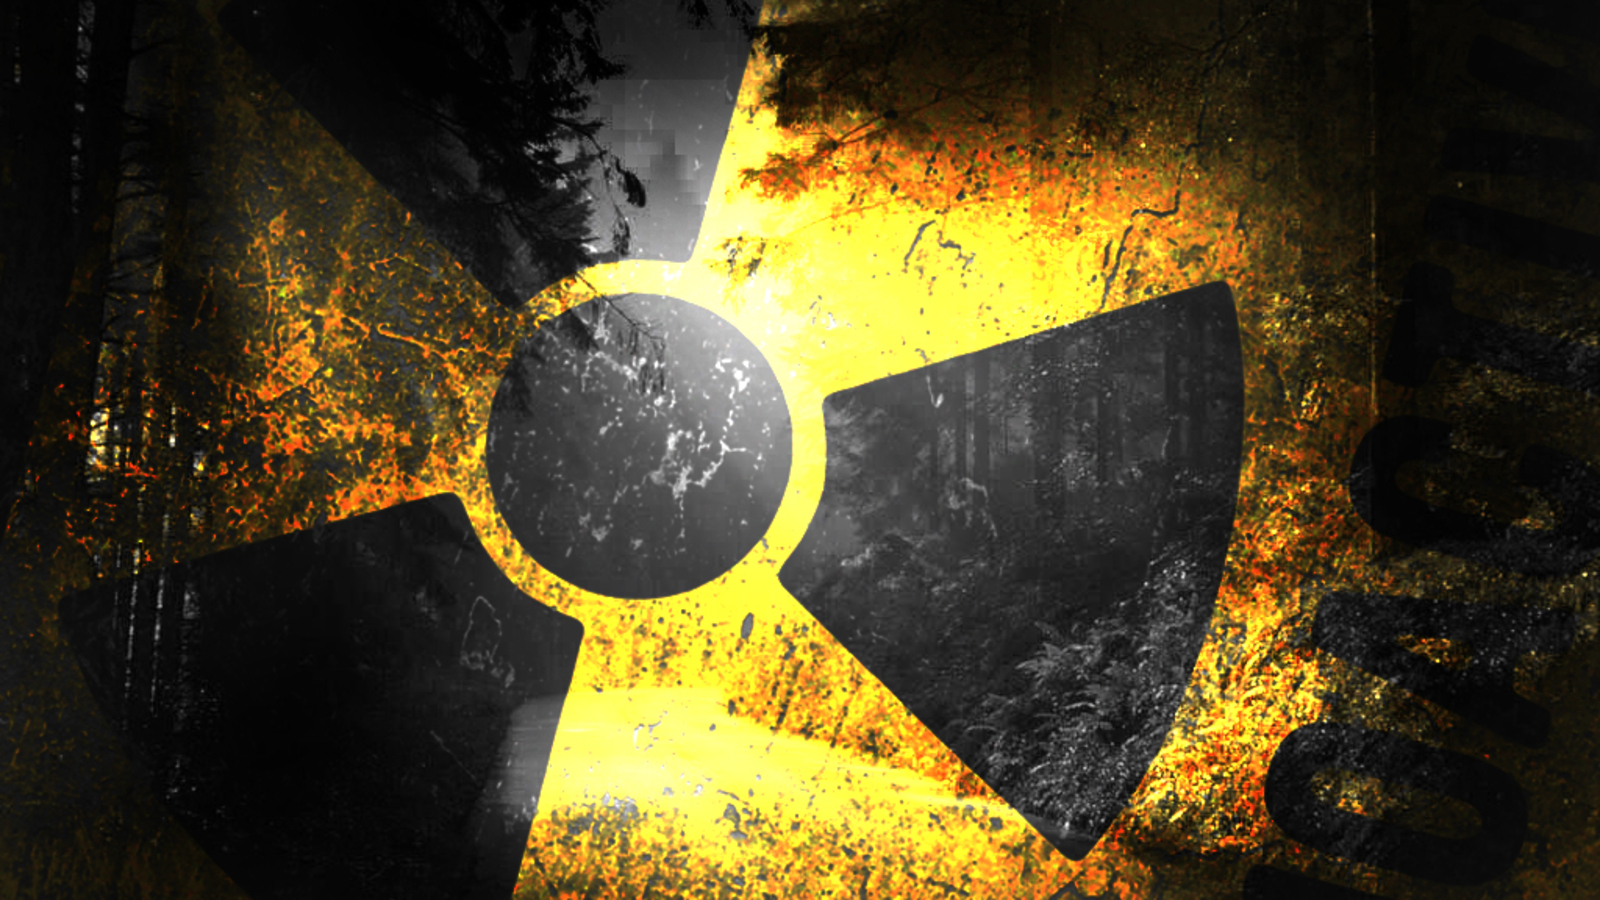 Προς αποπυρηνικοποίηση οδεύει η Ισπανία…;